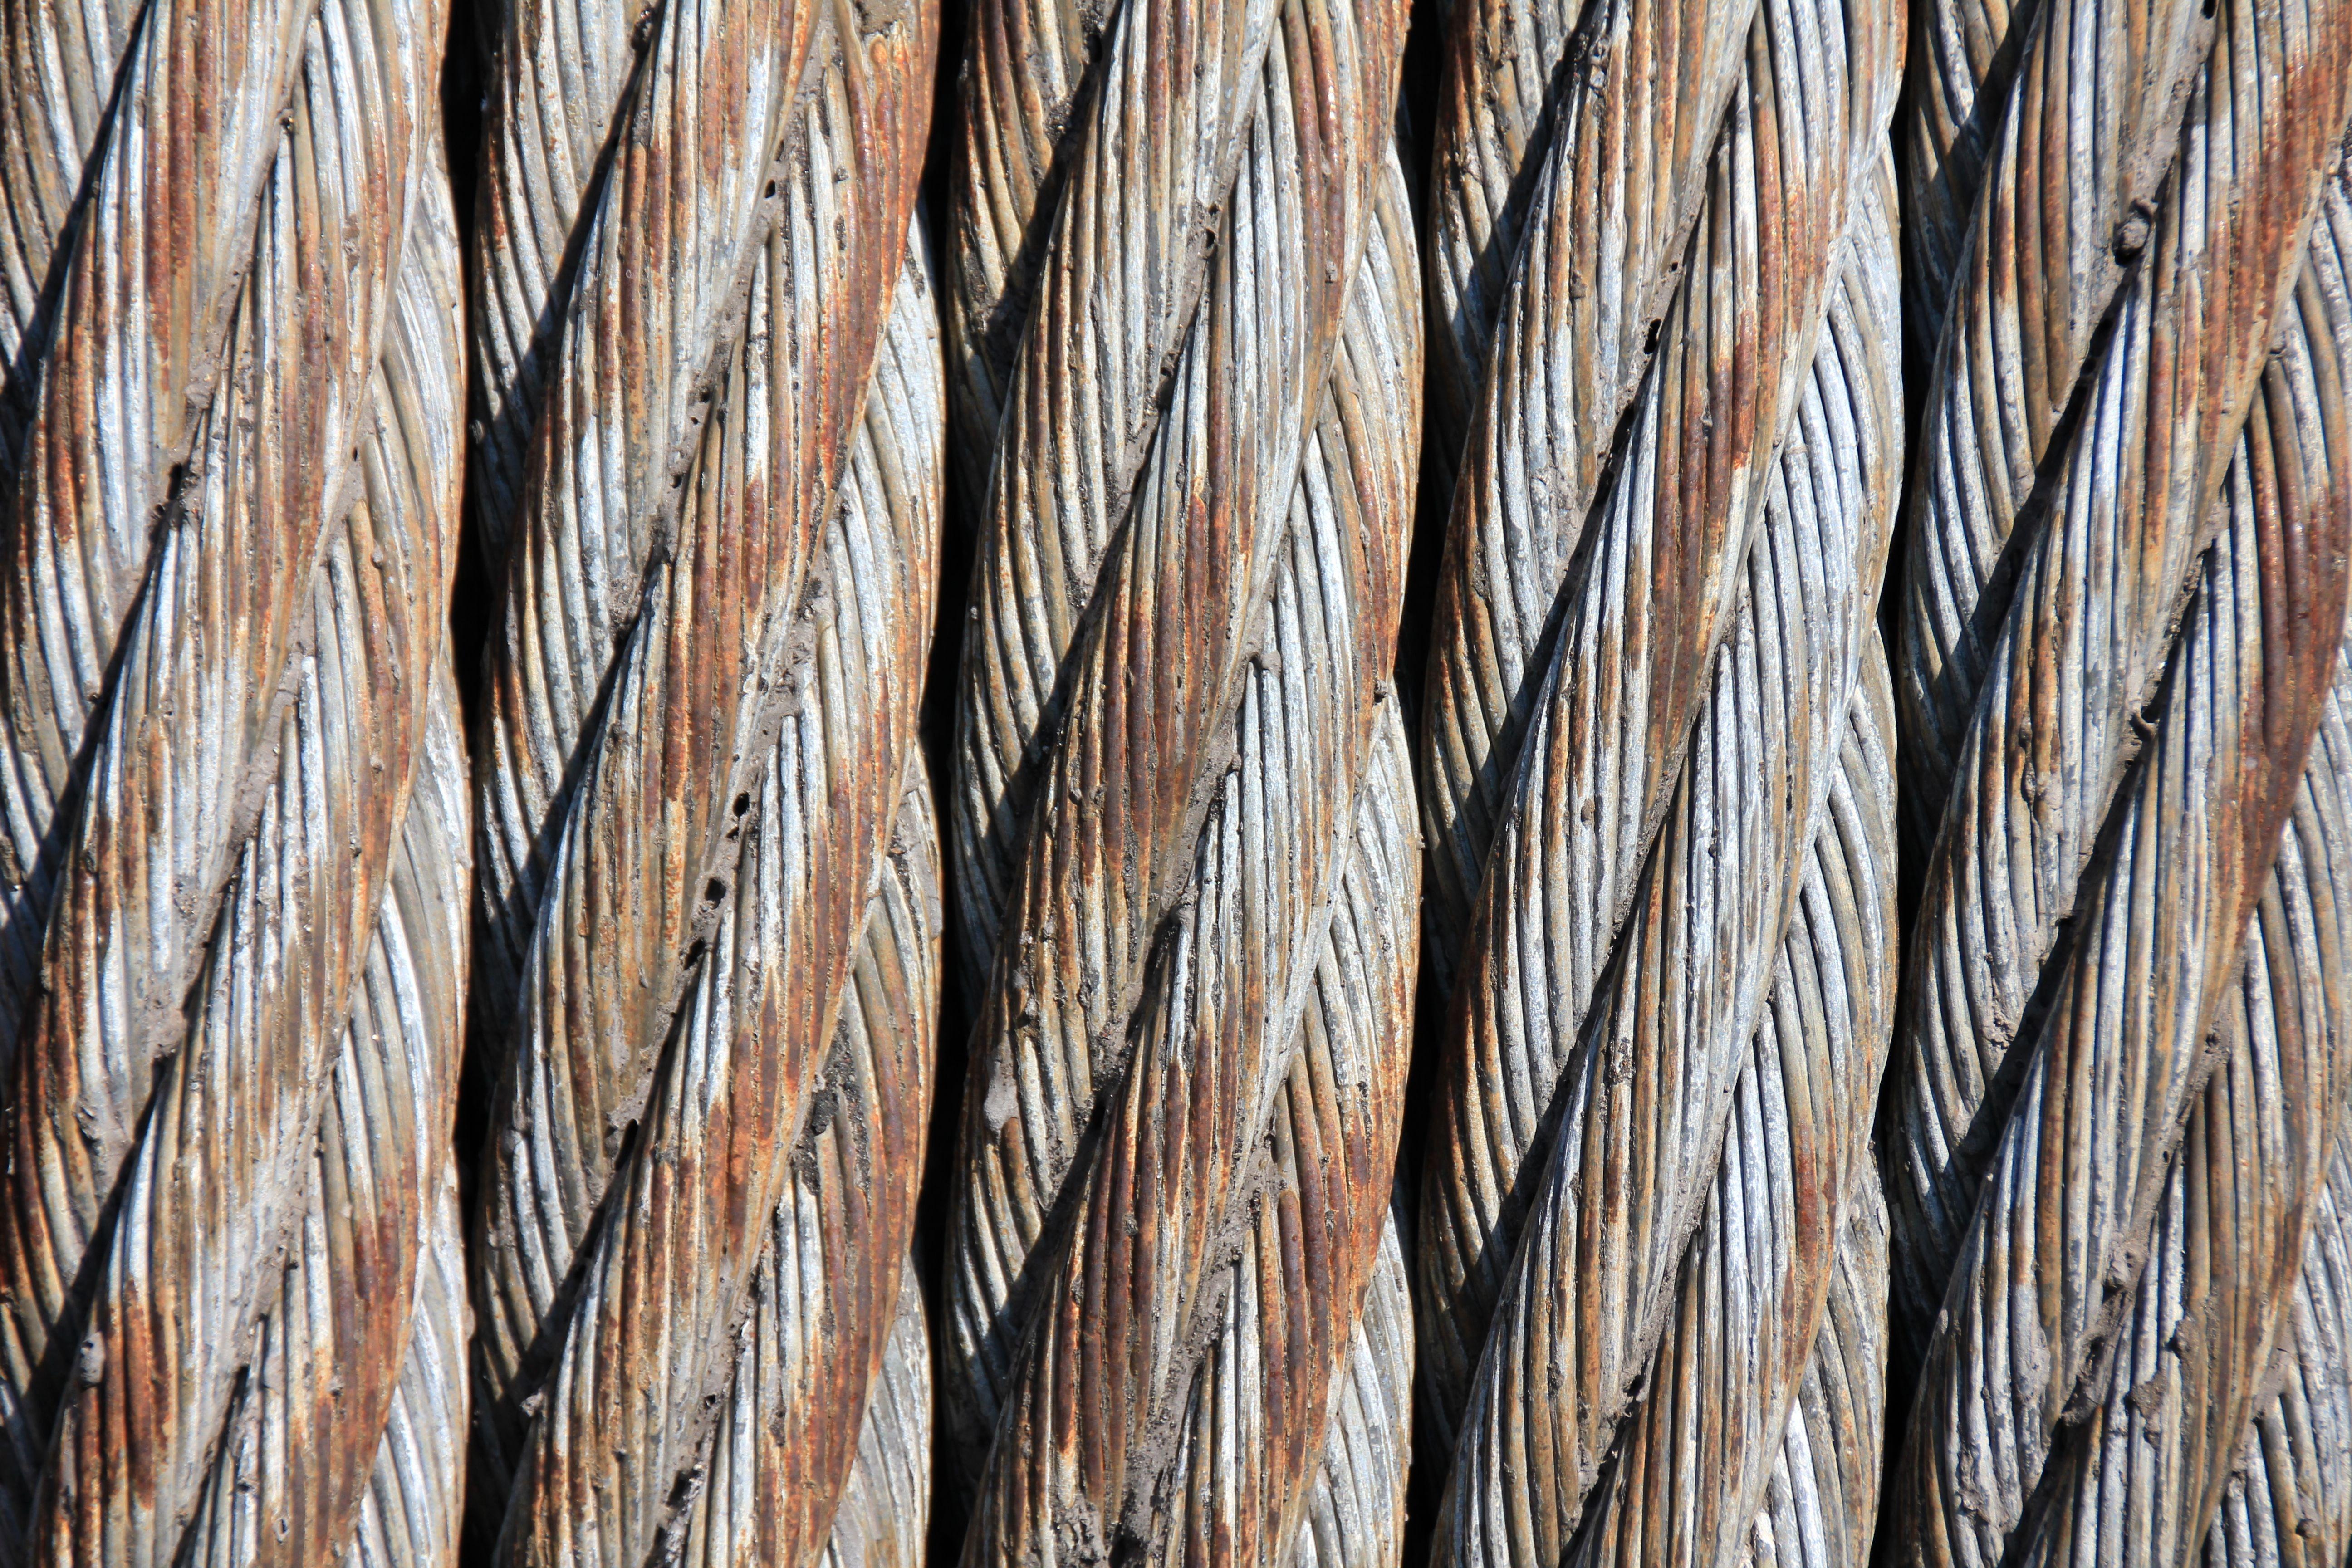 Kostenlose foto : Baum, Ast, Seil, Zaun, Holz, Technologie, Textur ...